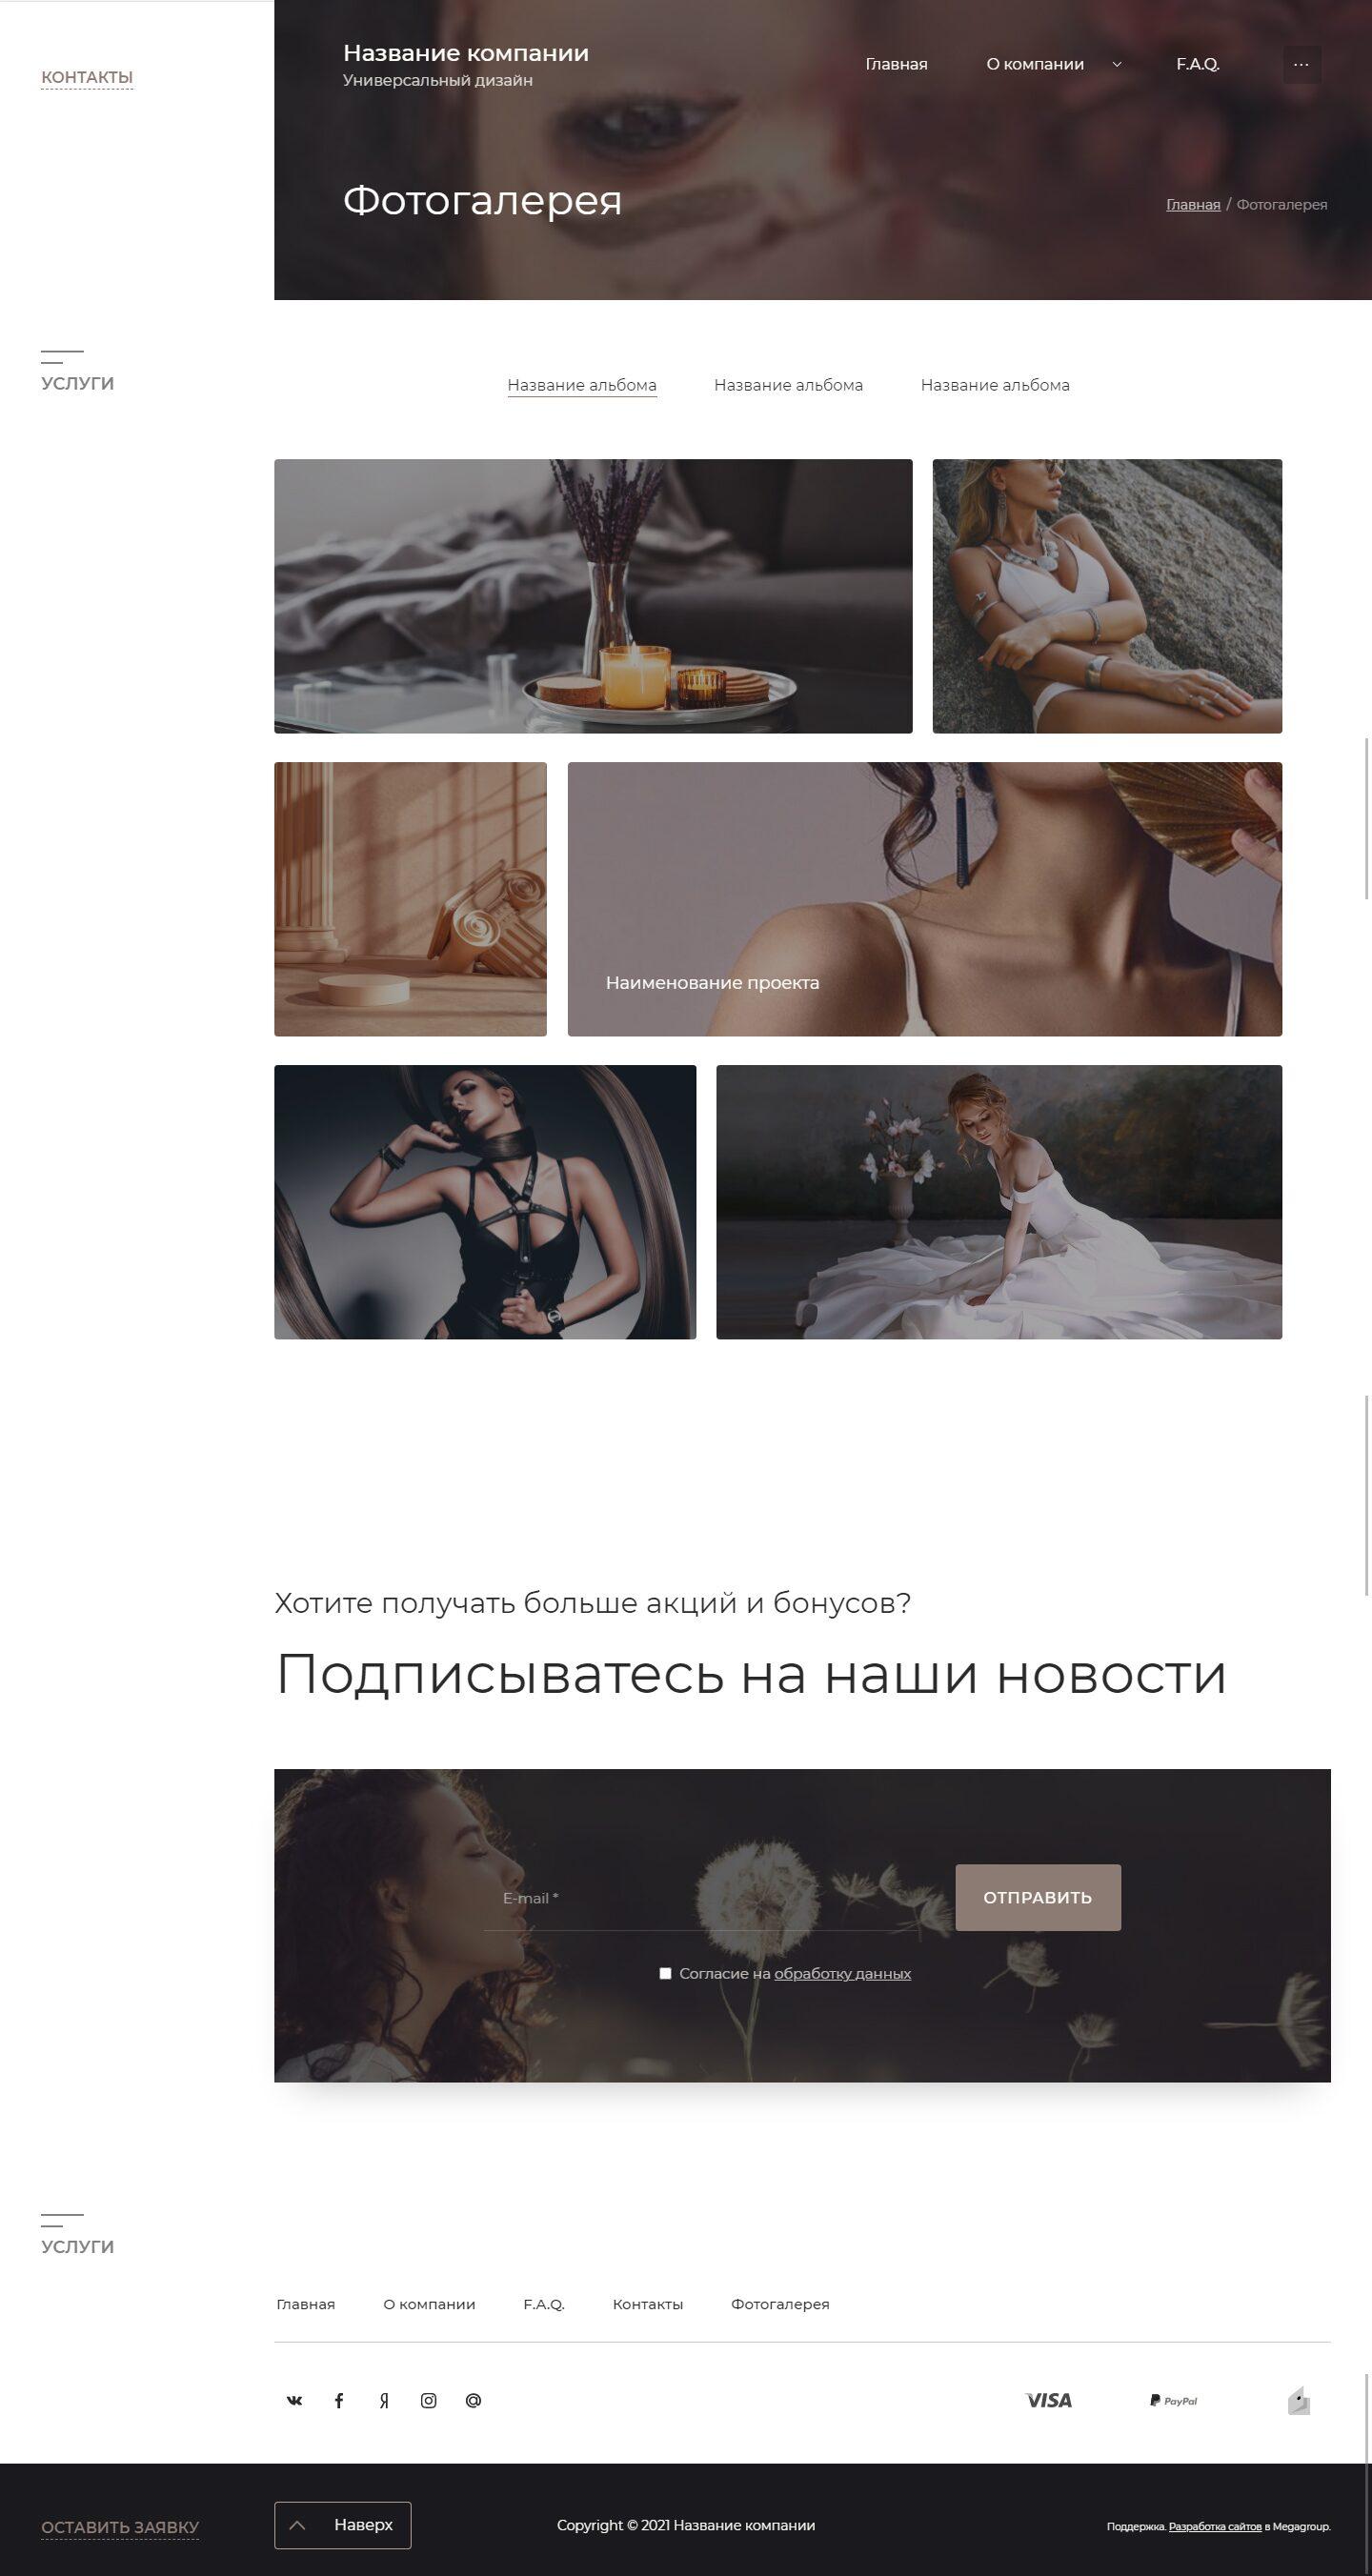 Готовый Сайт-Бизнес #3032224 - Универсальный дизайн (Фотогалерея)